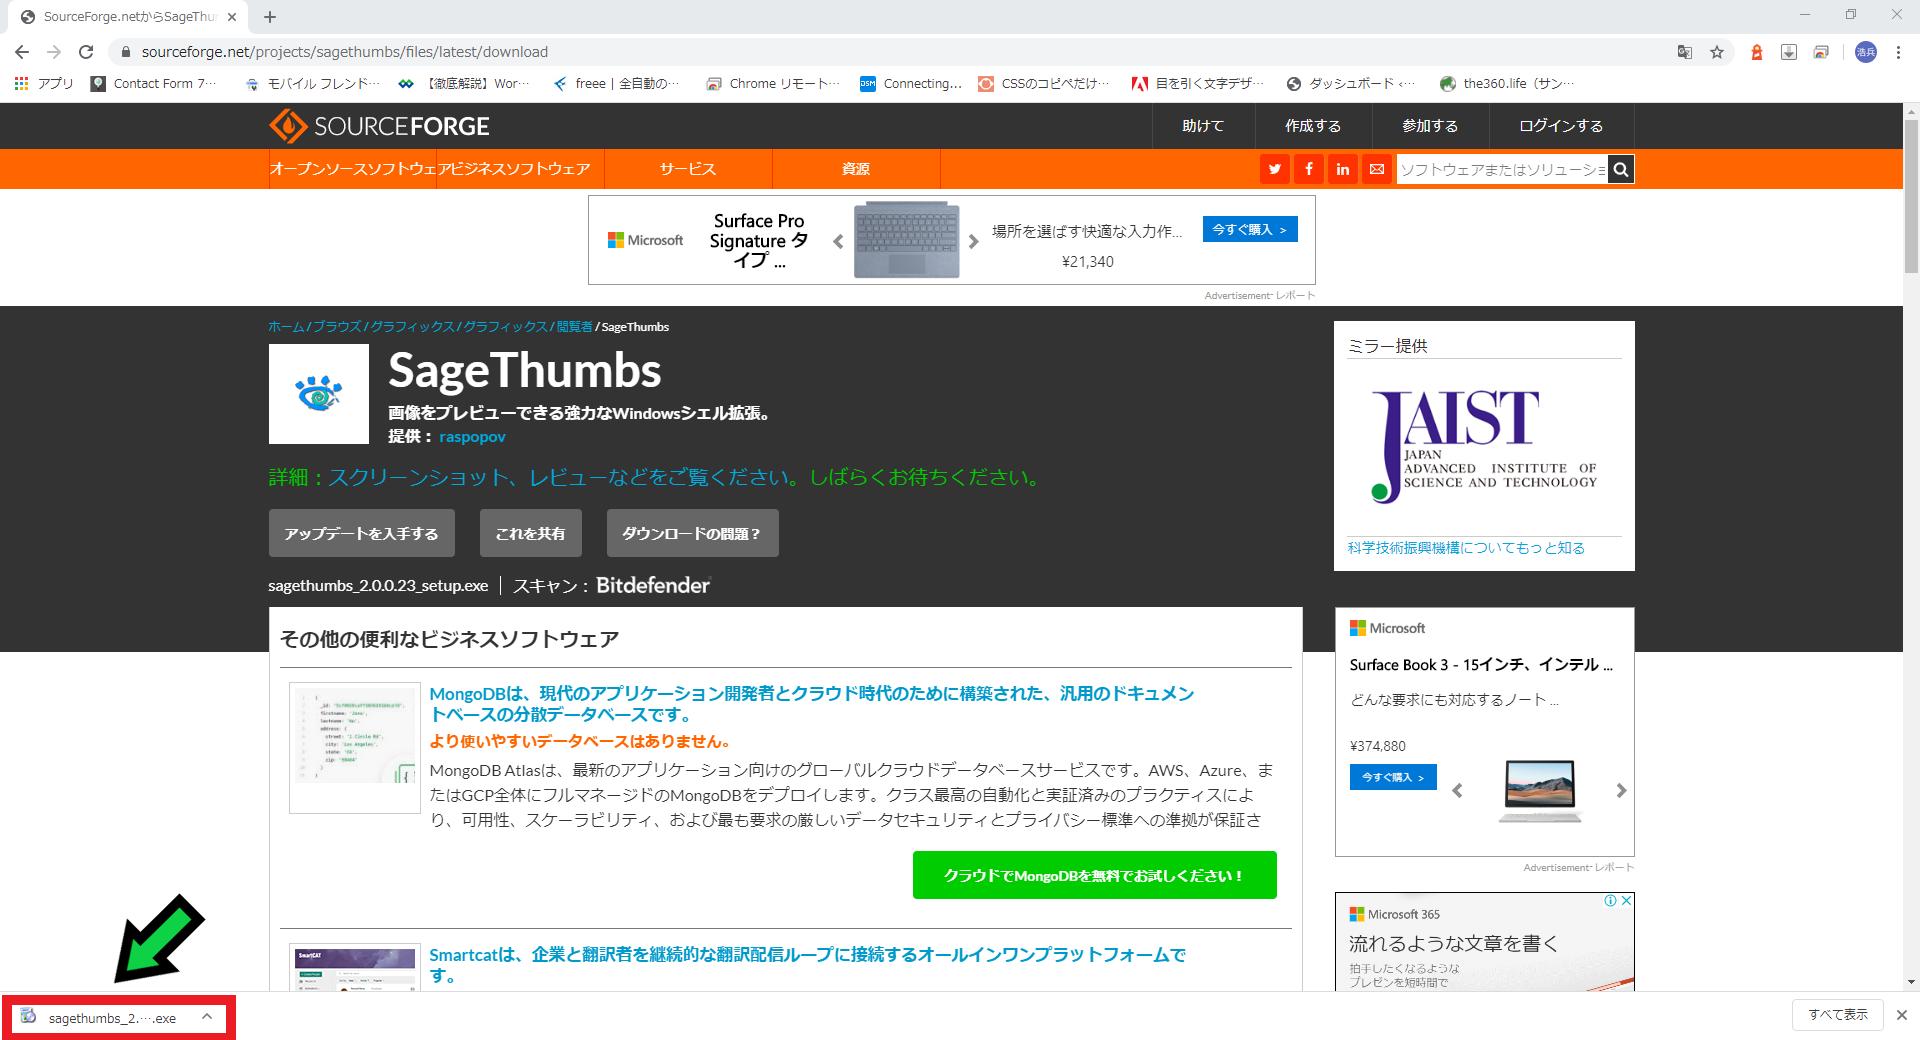 SageThumbs